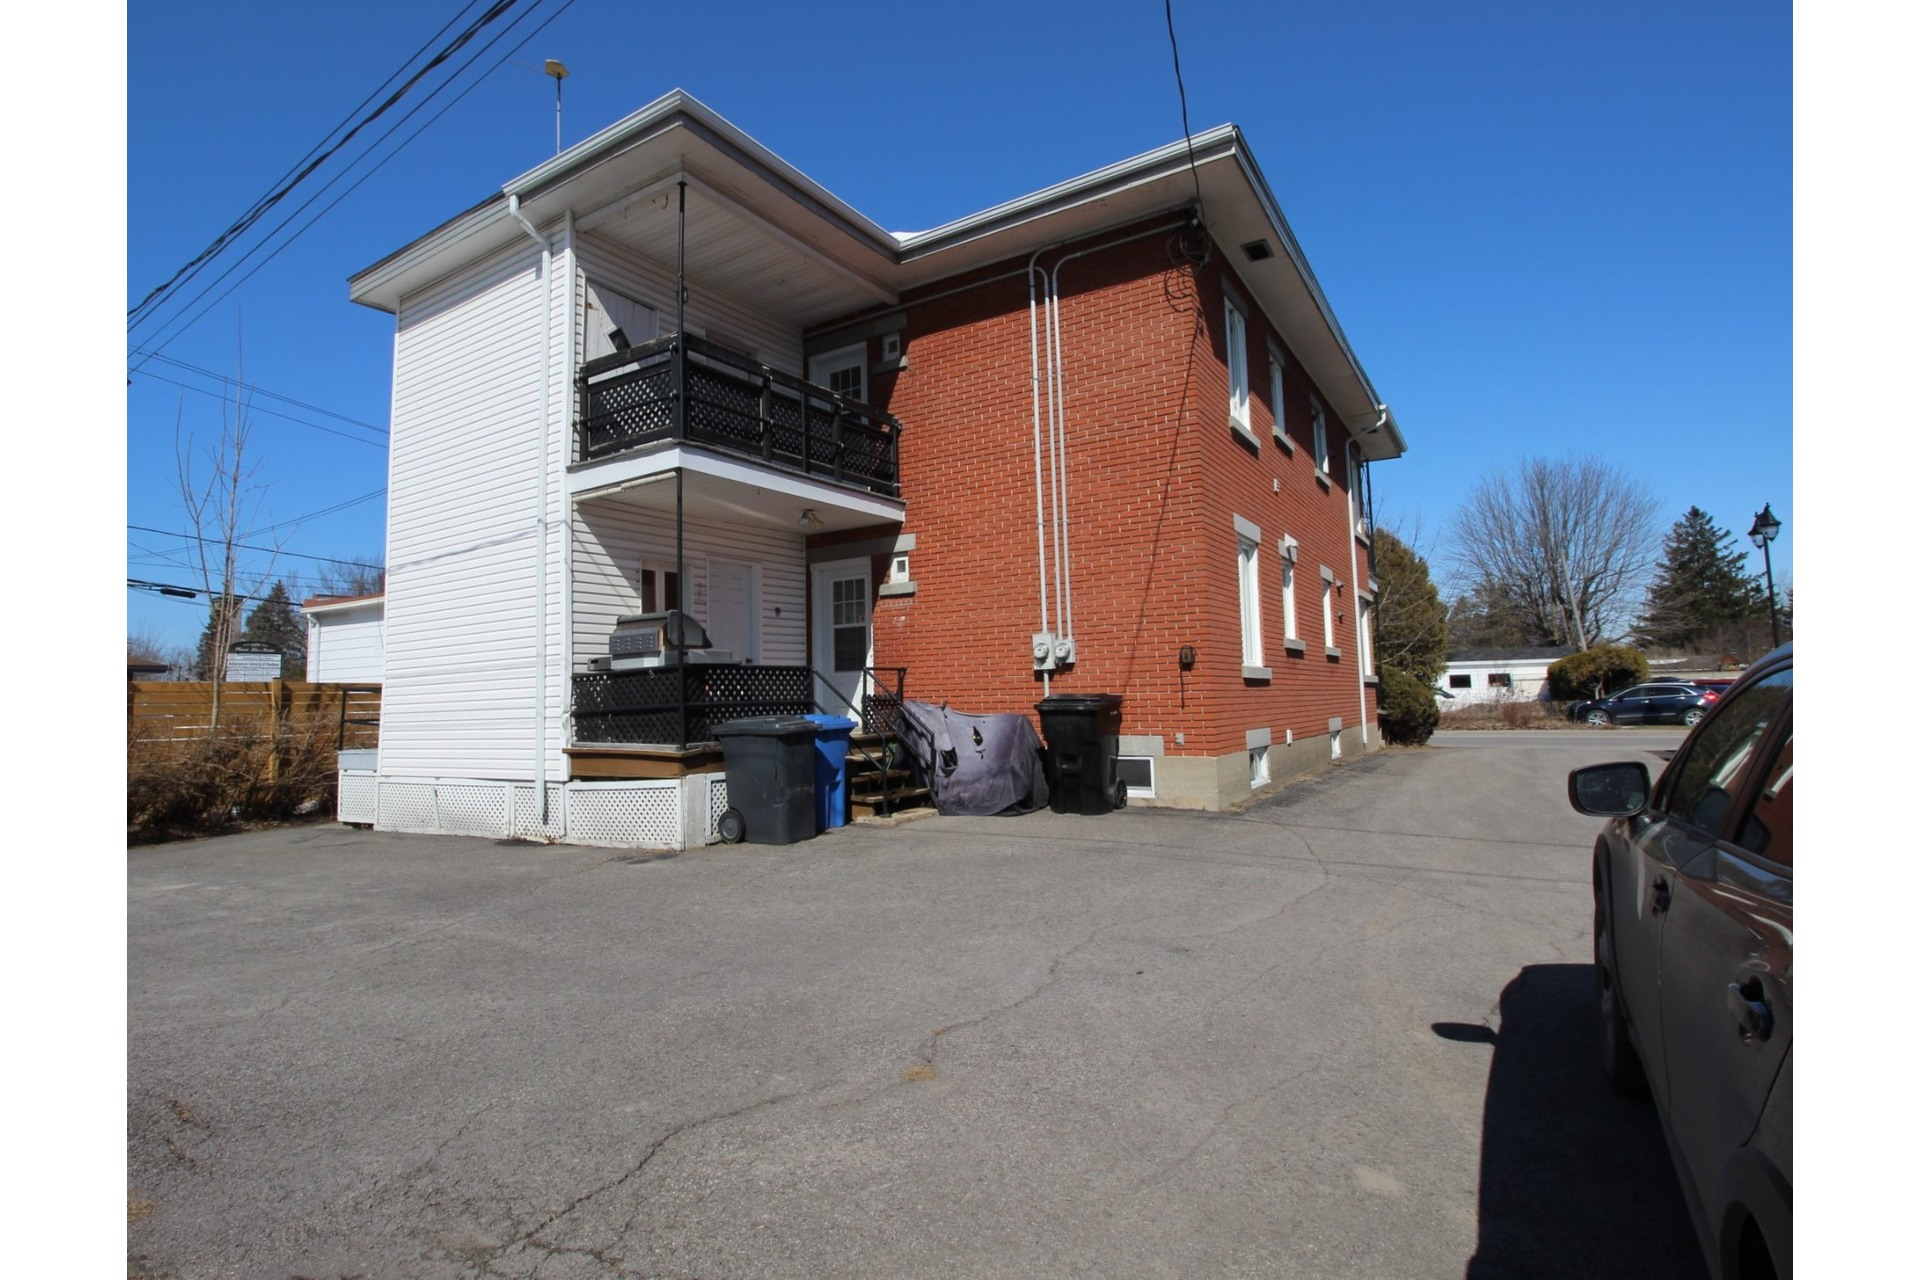 image 33 - Duplex For sale Joliette - 5 rooms